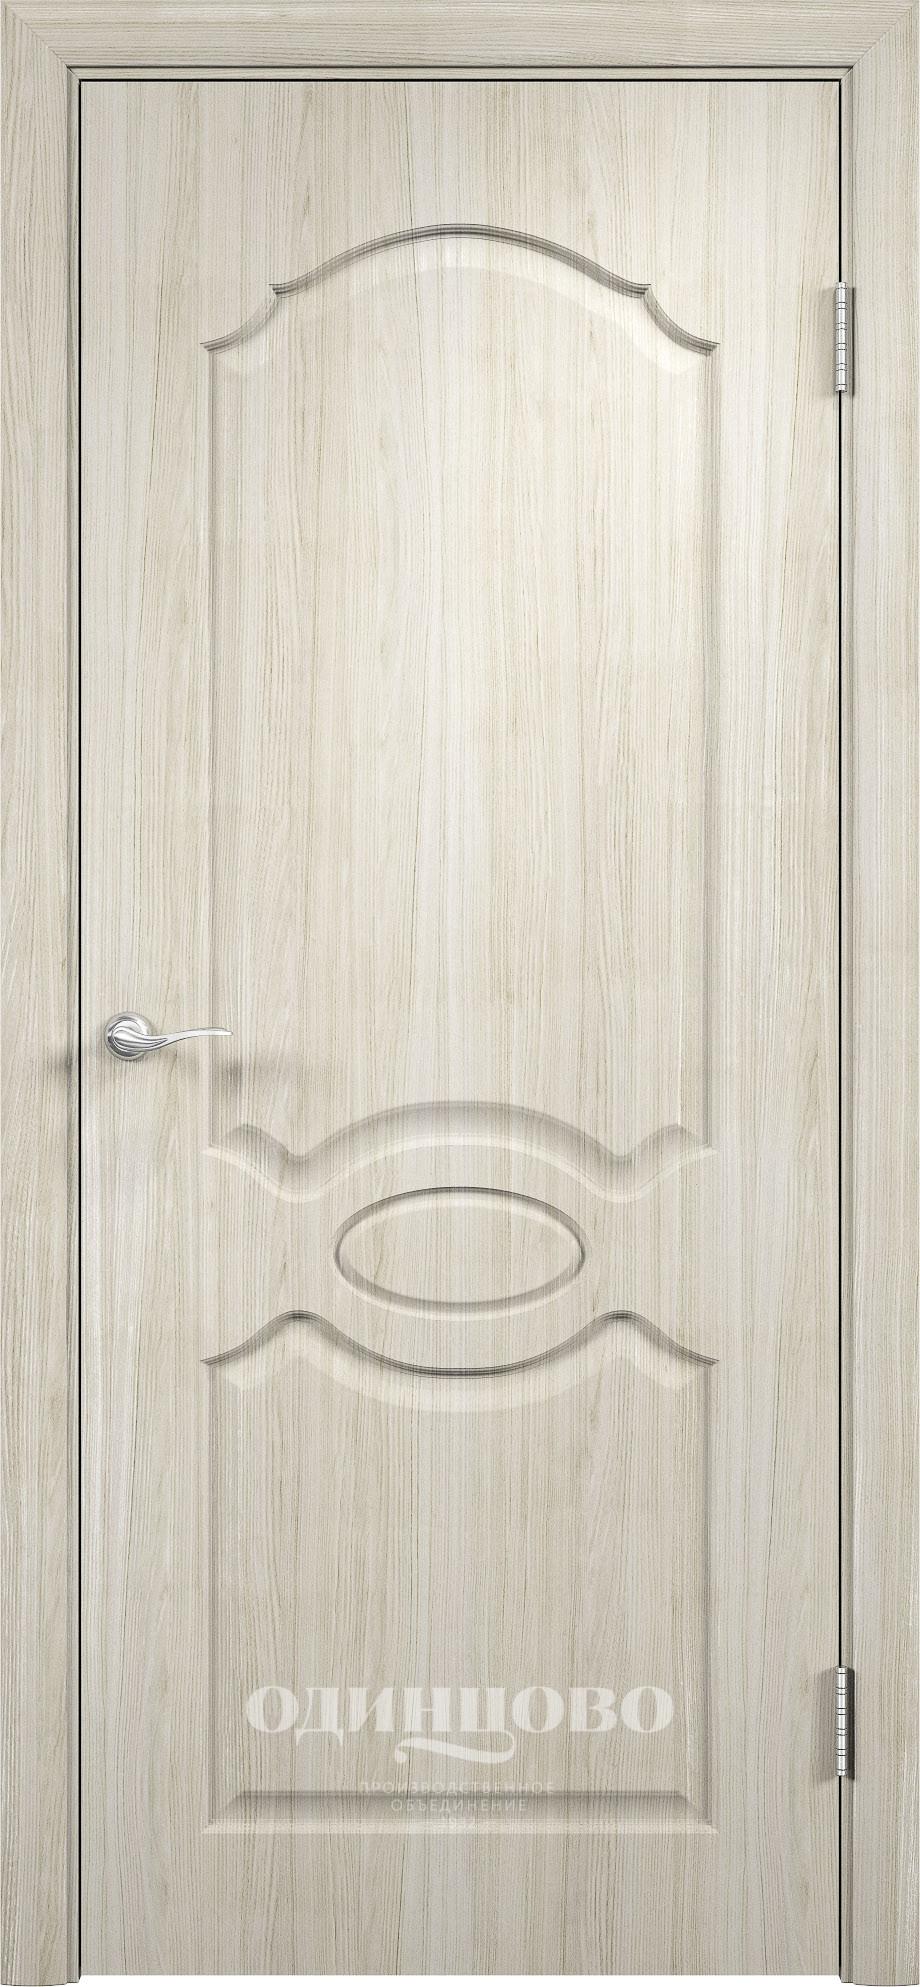 Межкомнатная дверь Верда скин экошпон Афина ДГ Беленый дуб мелинга 800x2000 (ПОСЛЕДНИЙ РАЗМЕР ПО АКЦИИ)